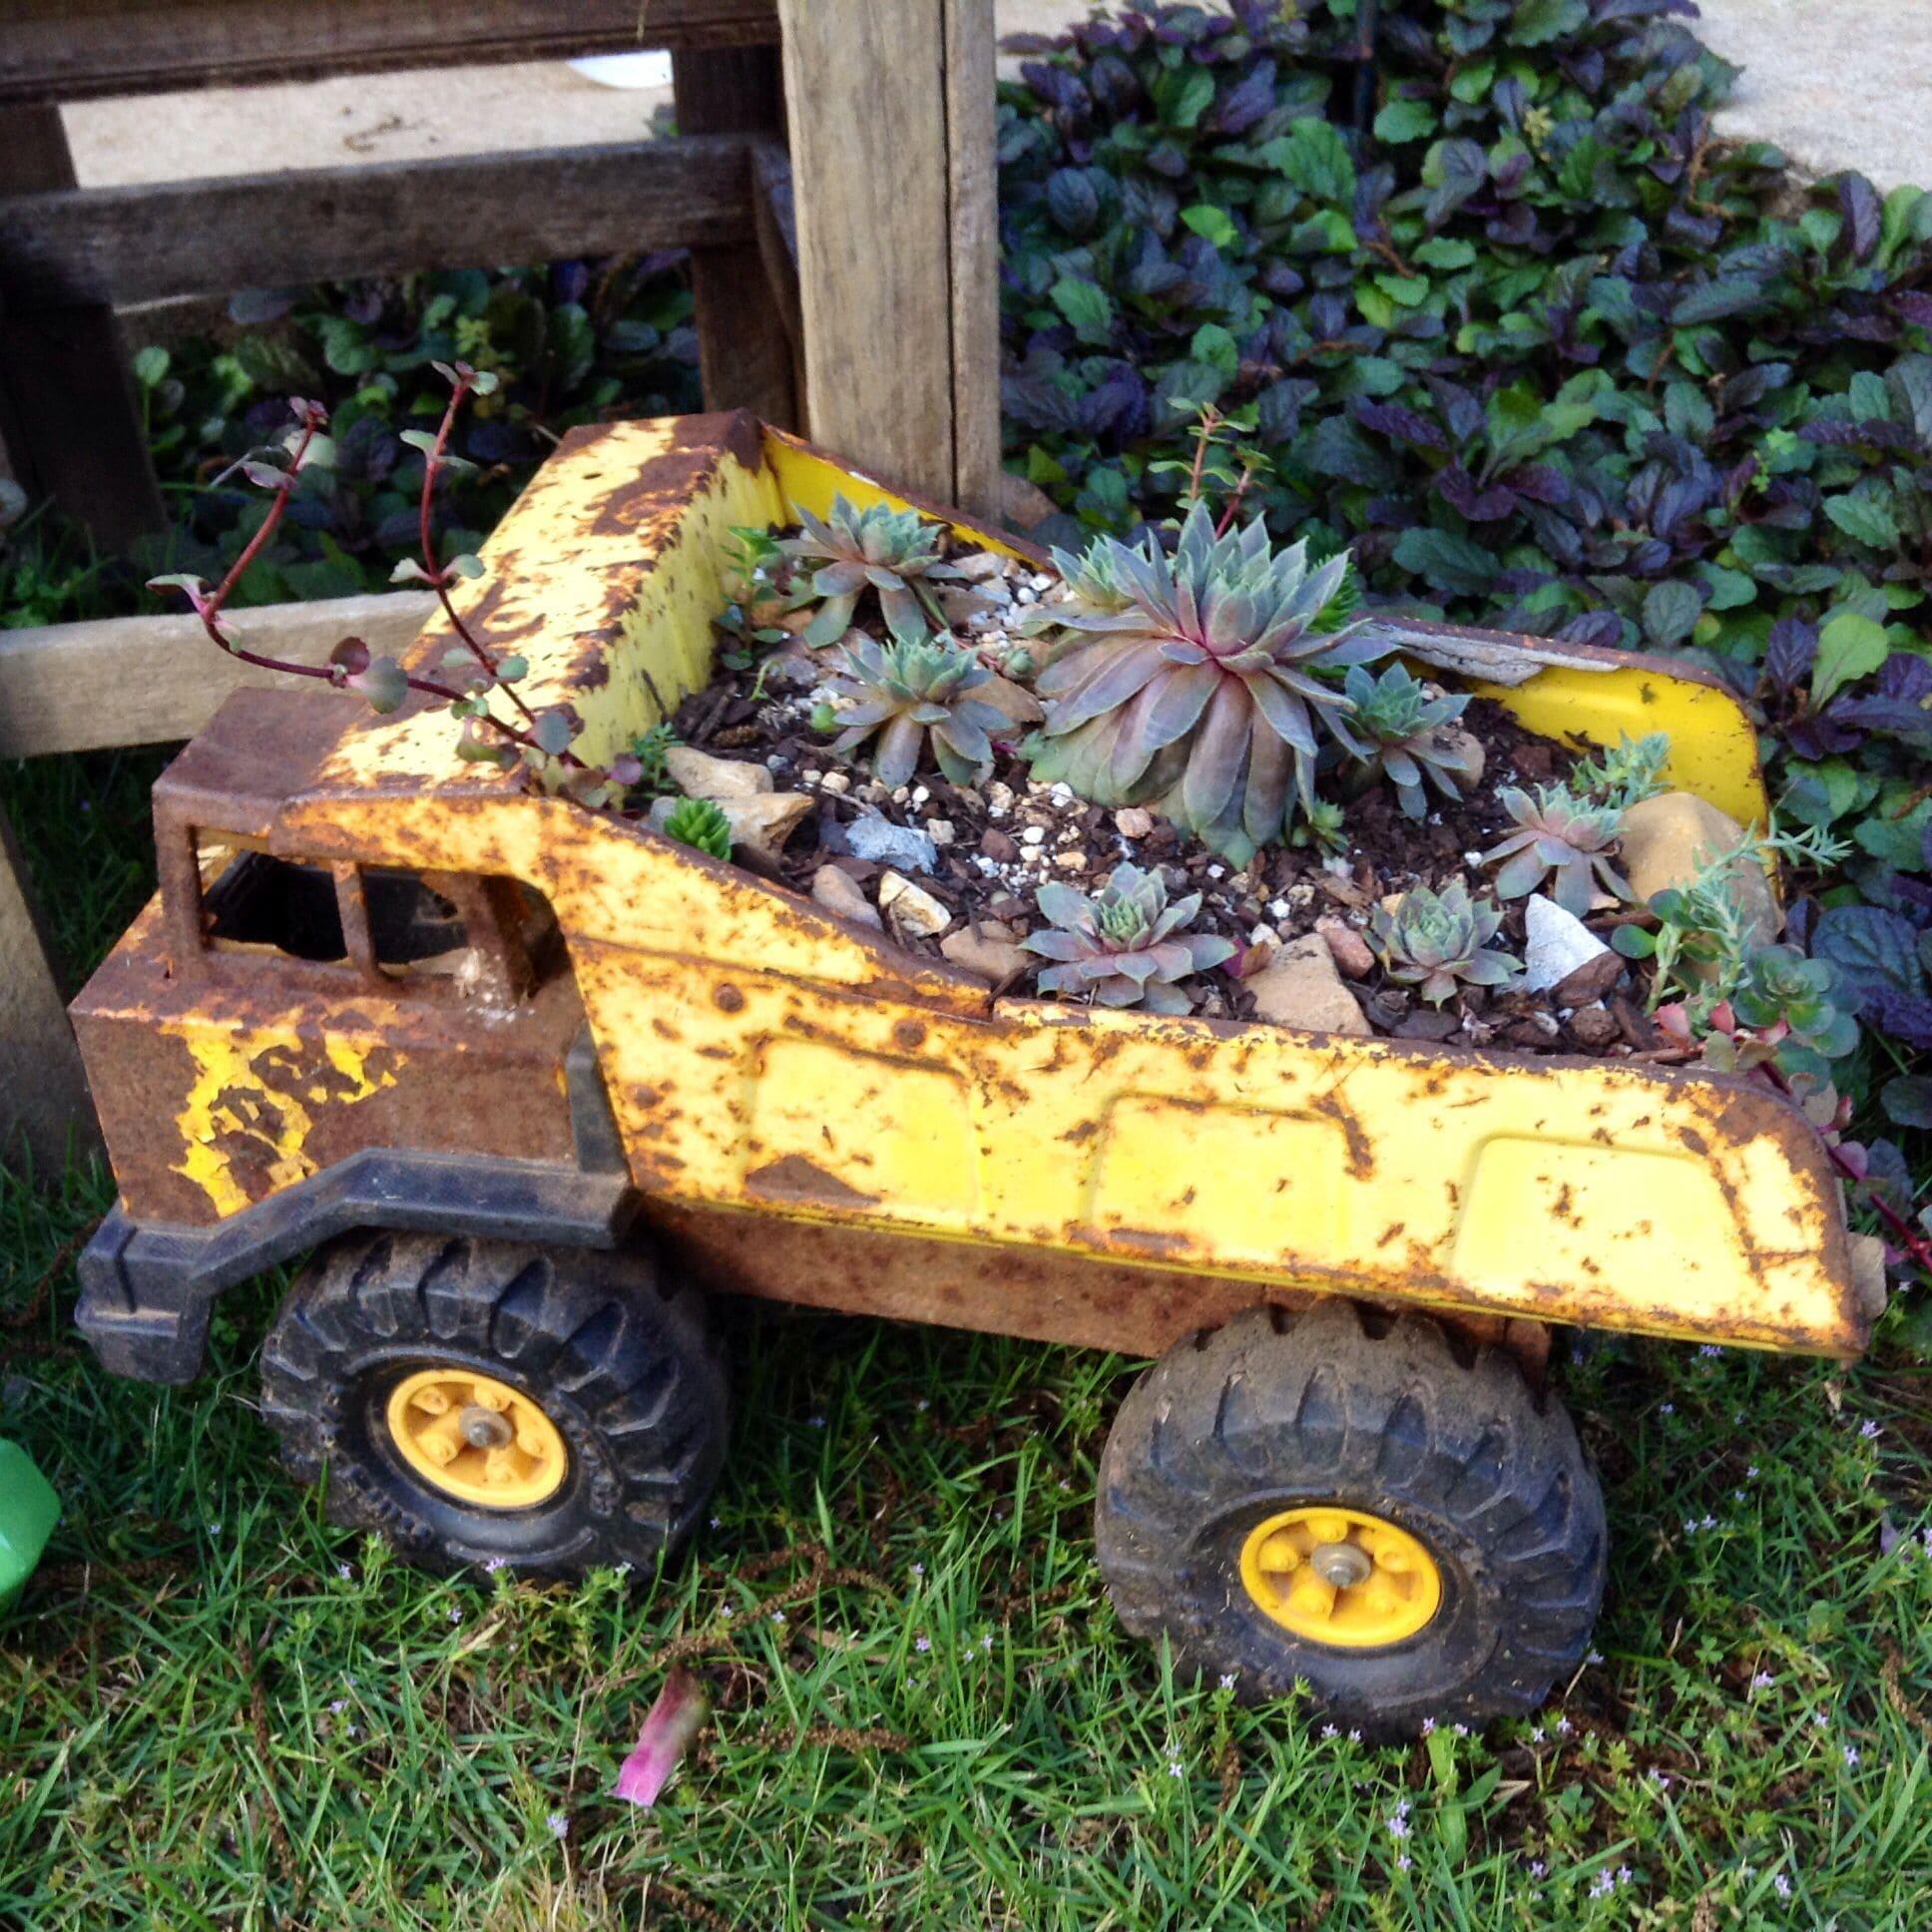 3.Simphome.com Rustic Toy Truck 4